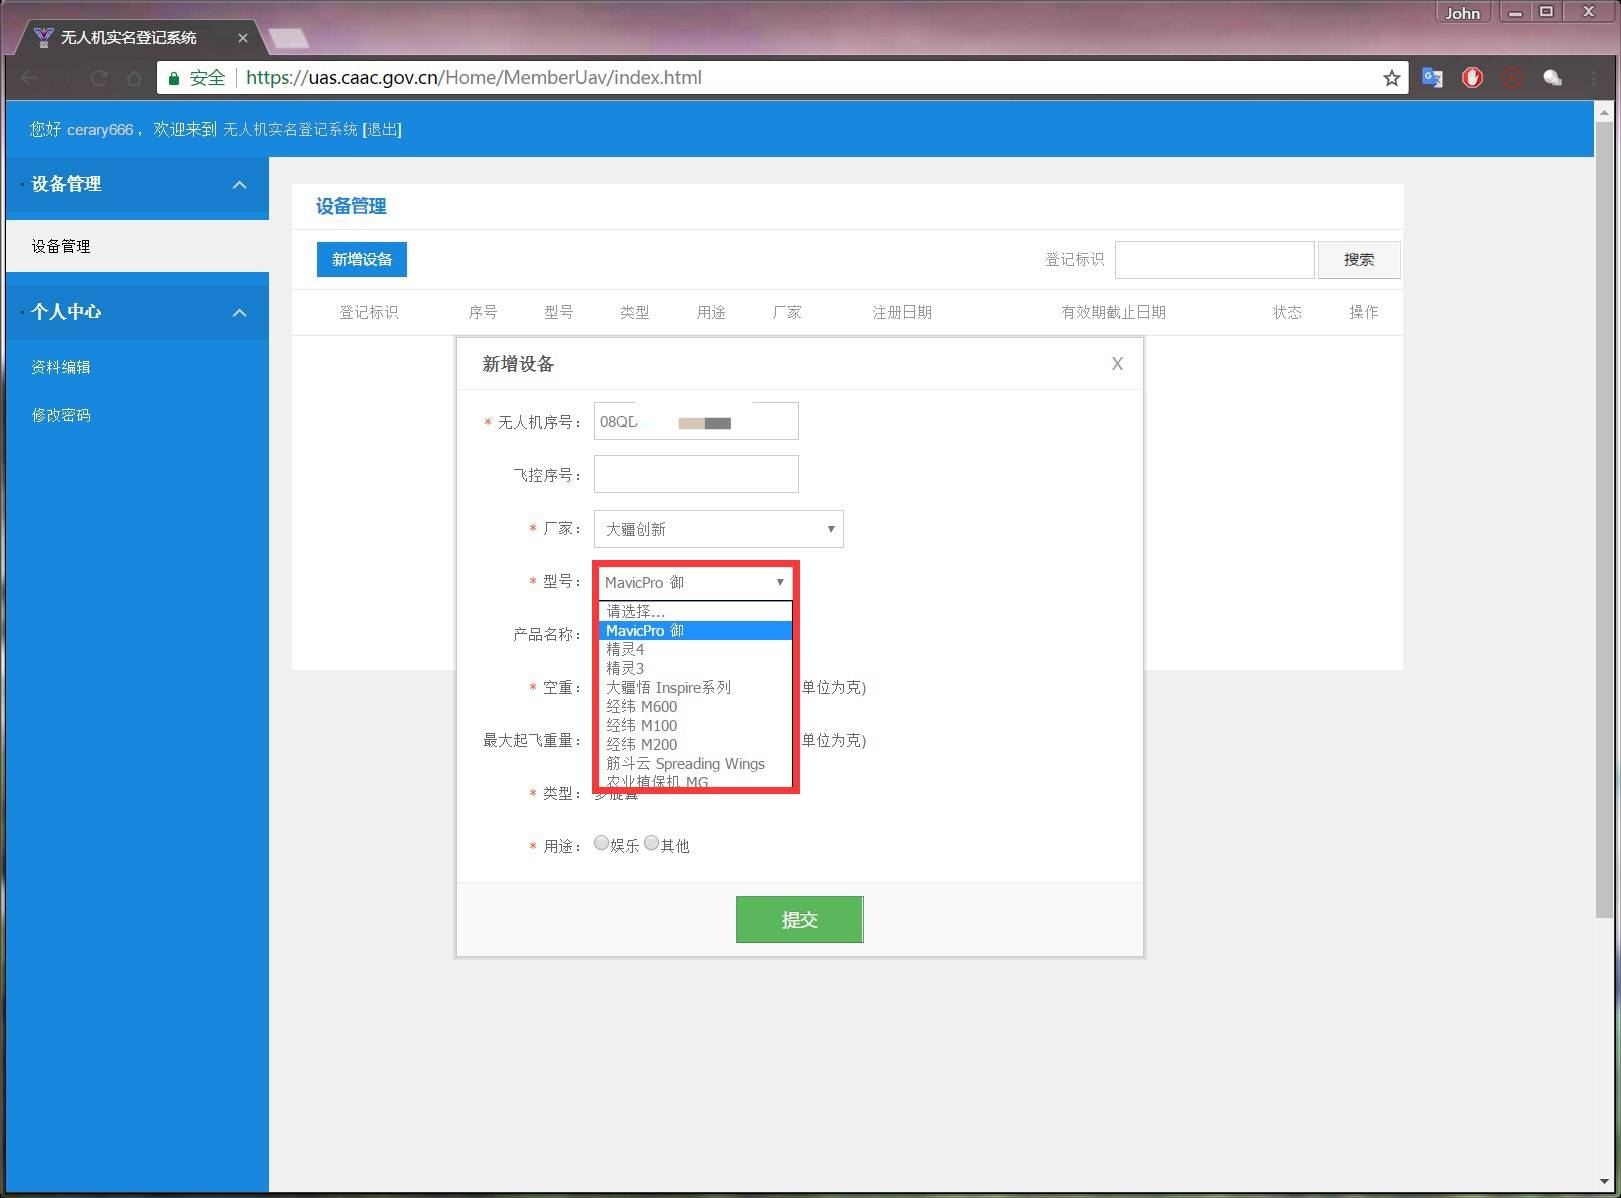 中国无人机实名登记系统_体验测试-10ARTCC